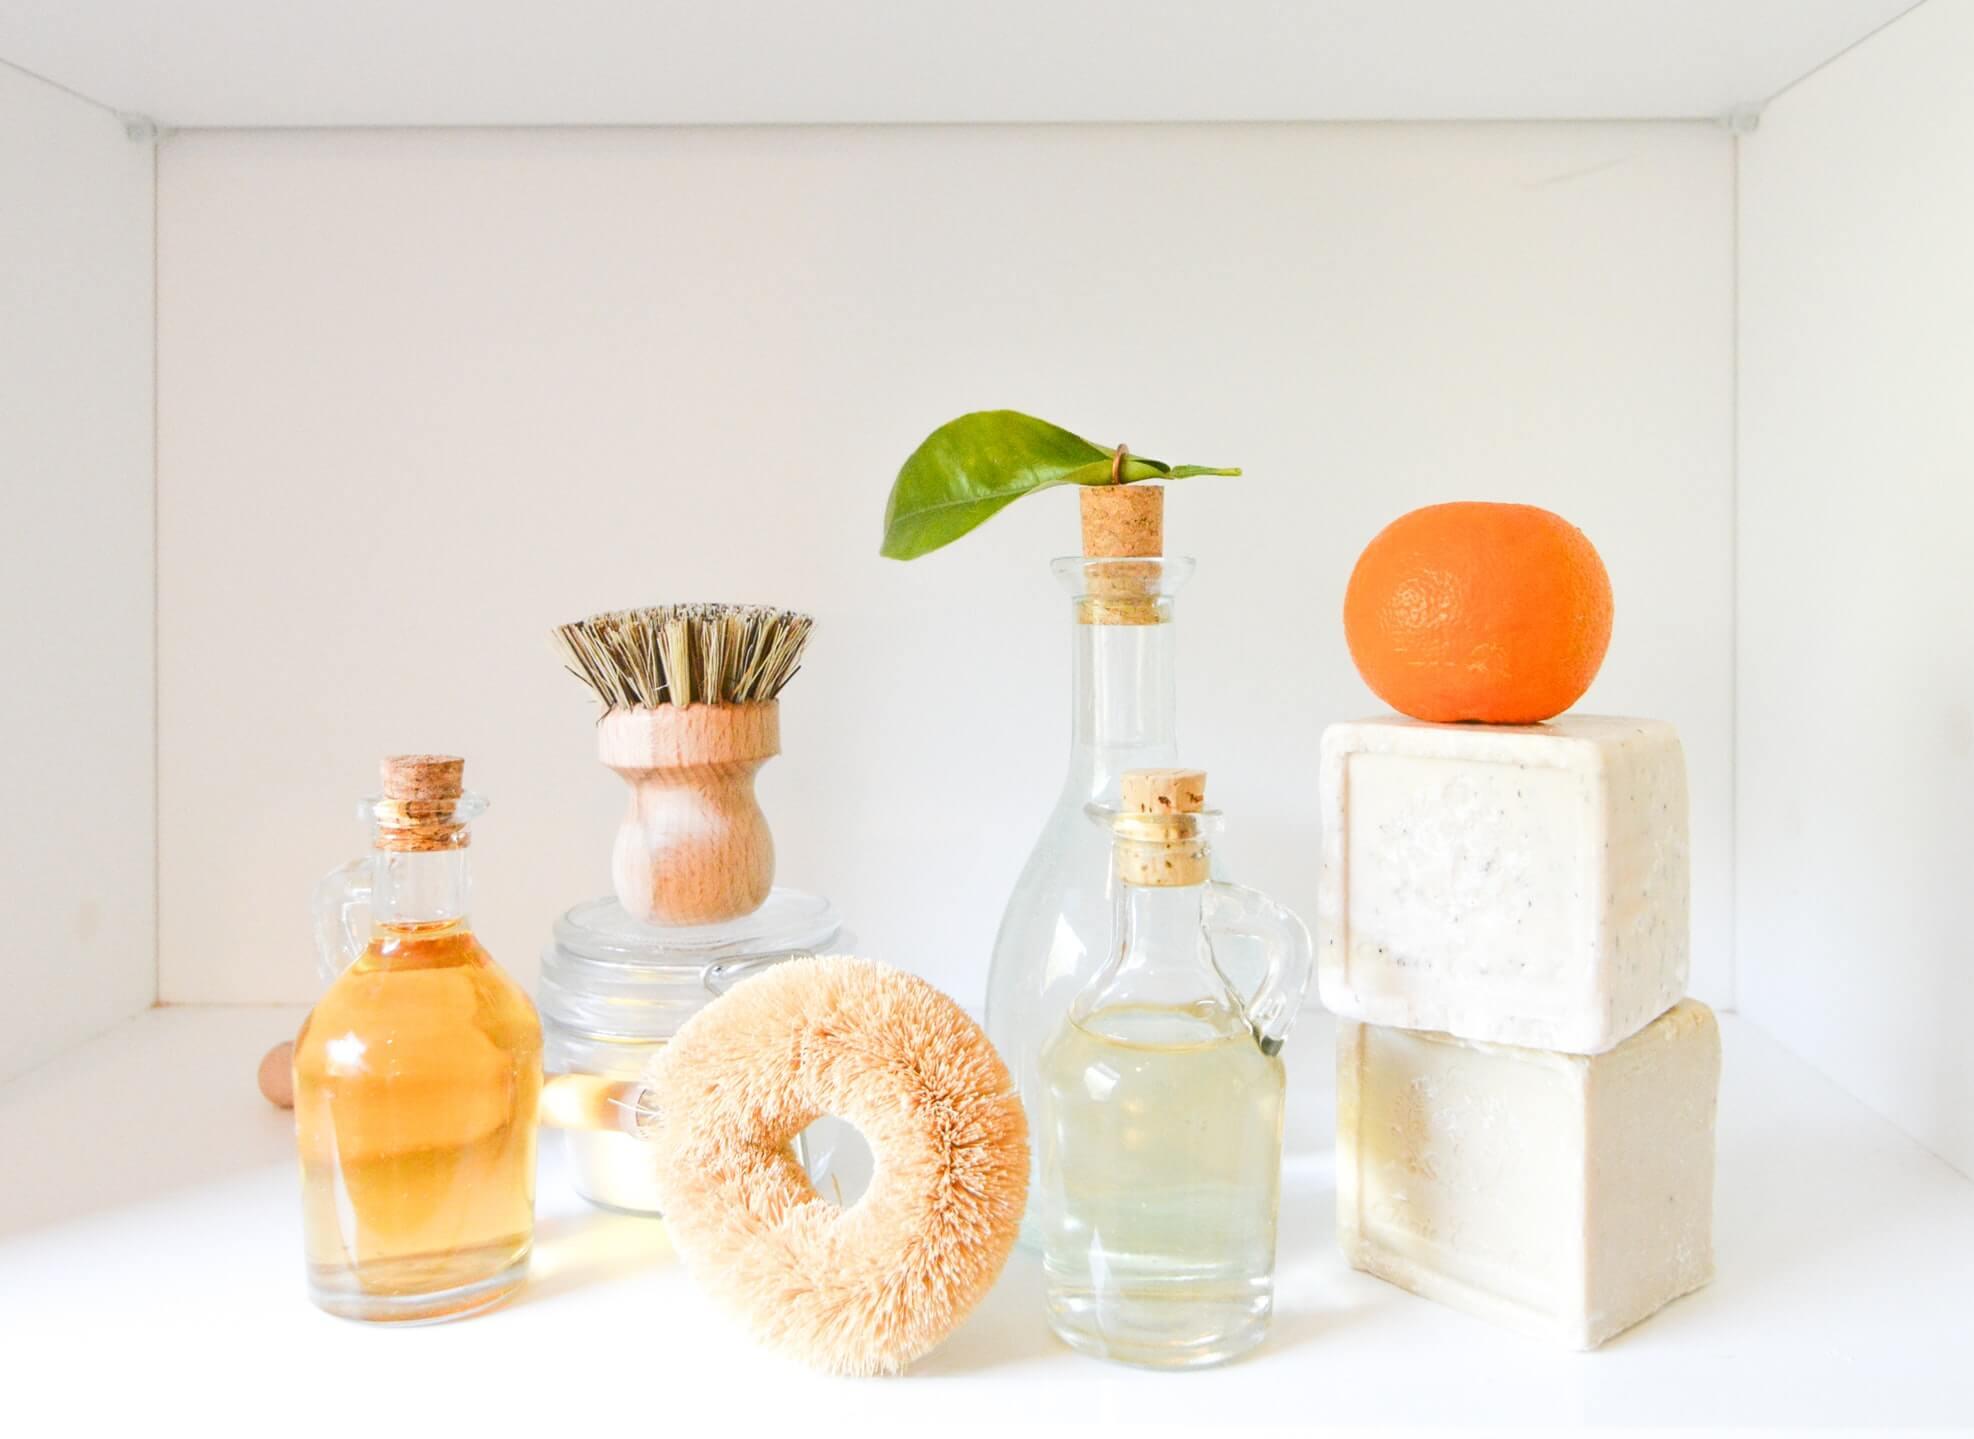 10 Things Housemates Should Buy in Bulk